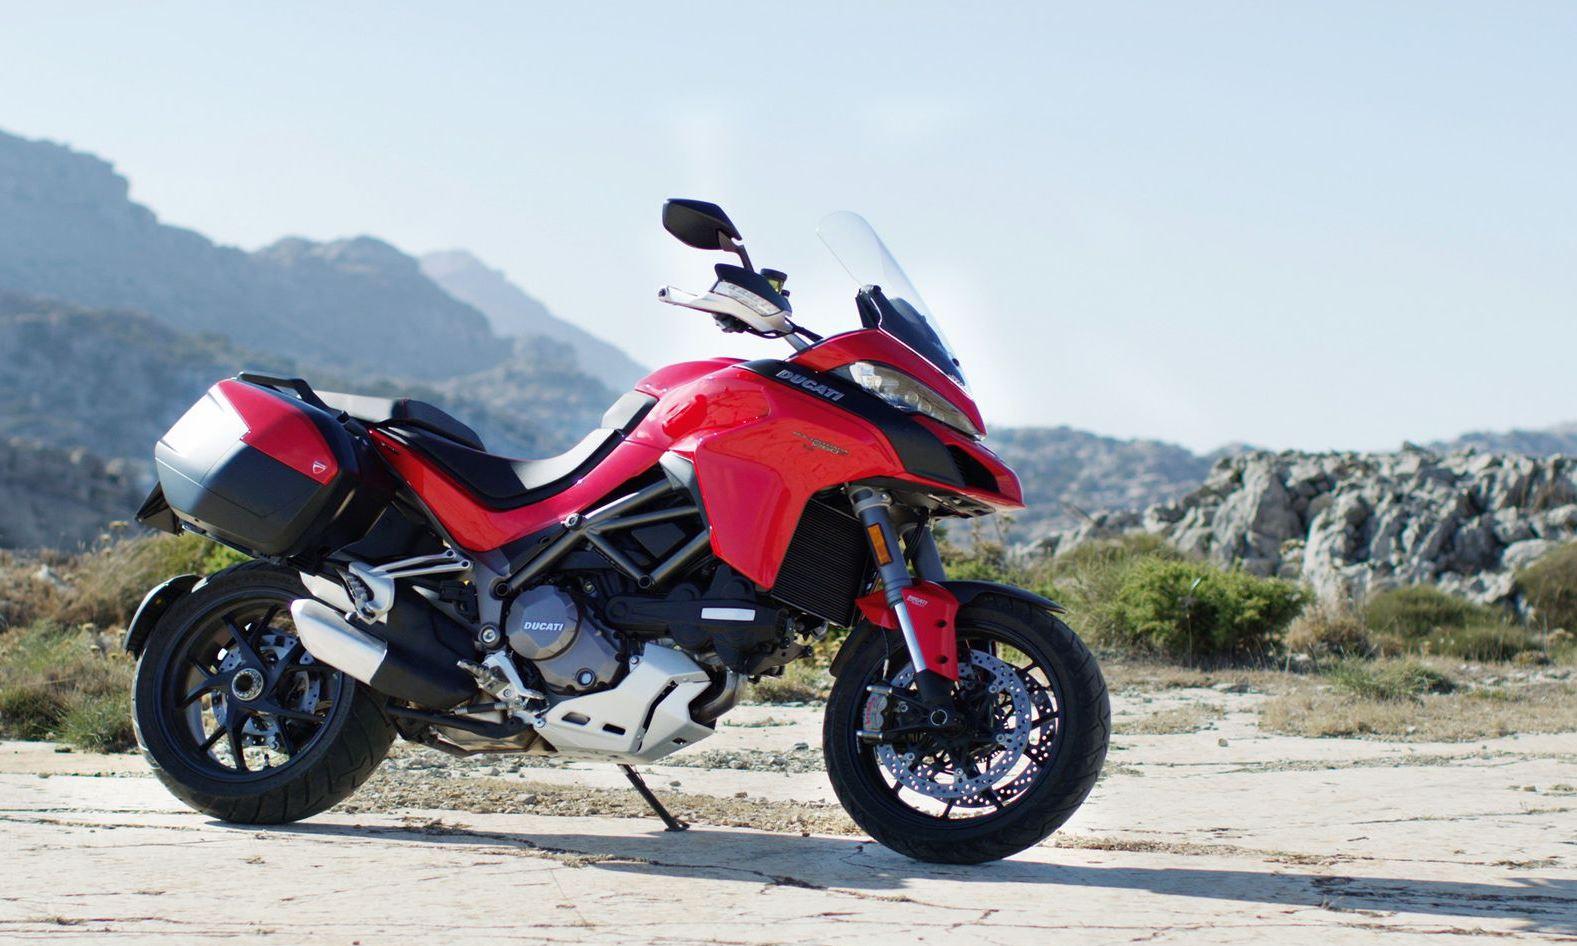 Ducati Multistrada 1200/1260 (2010 - досега) – Вашите мнения